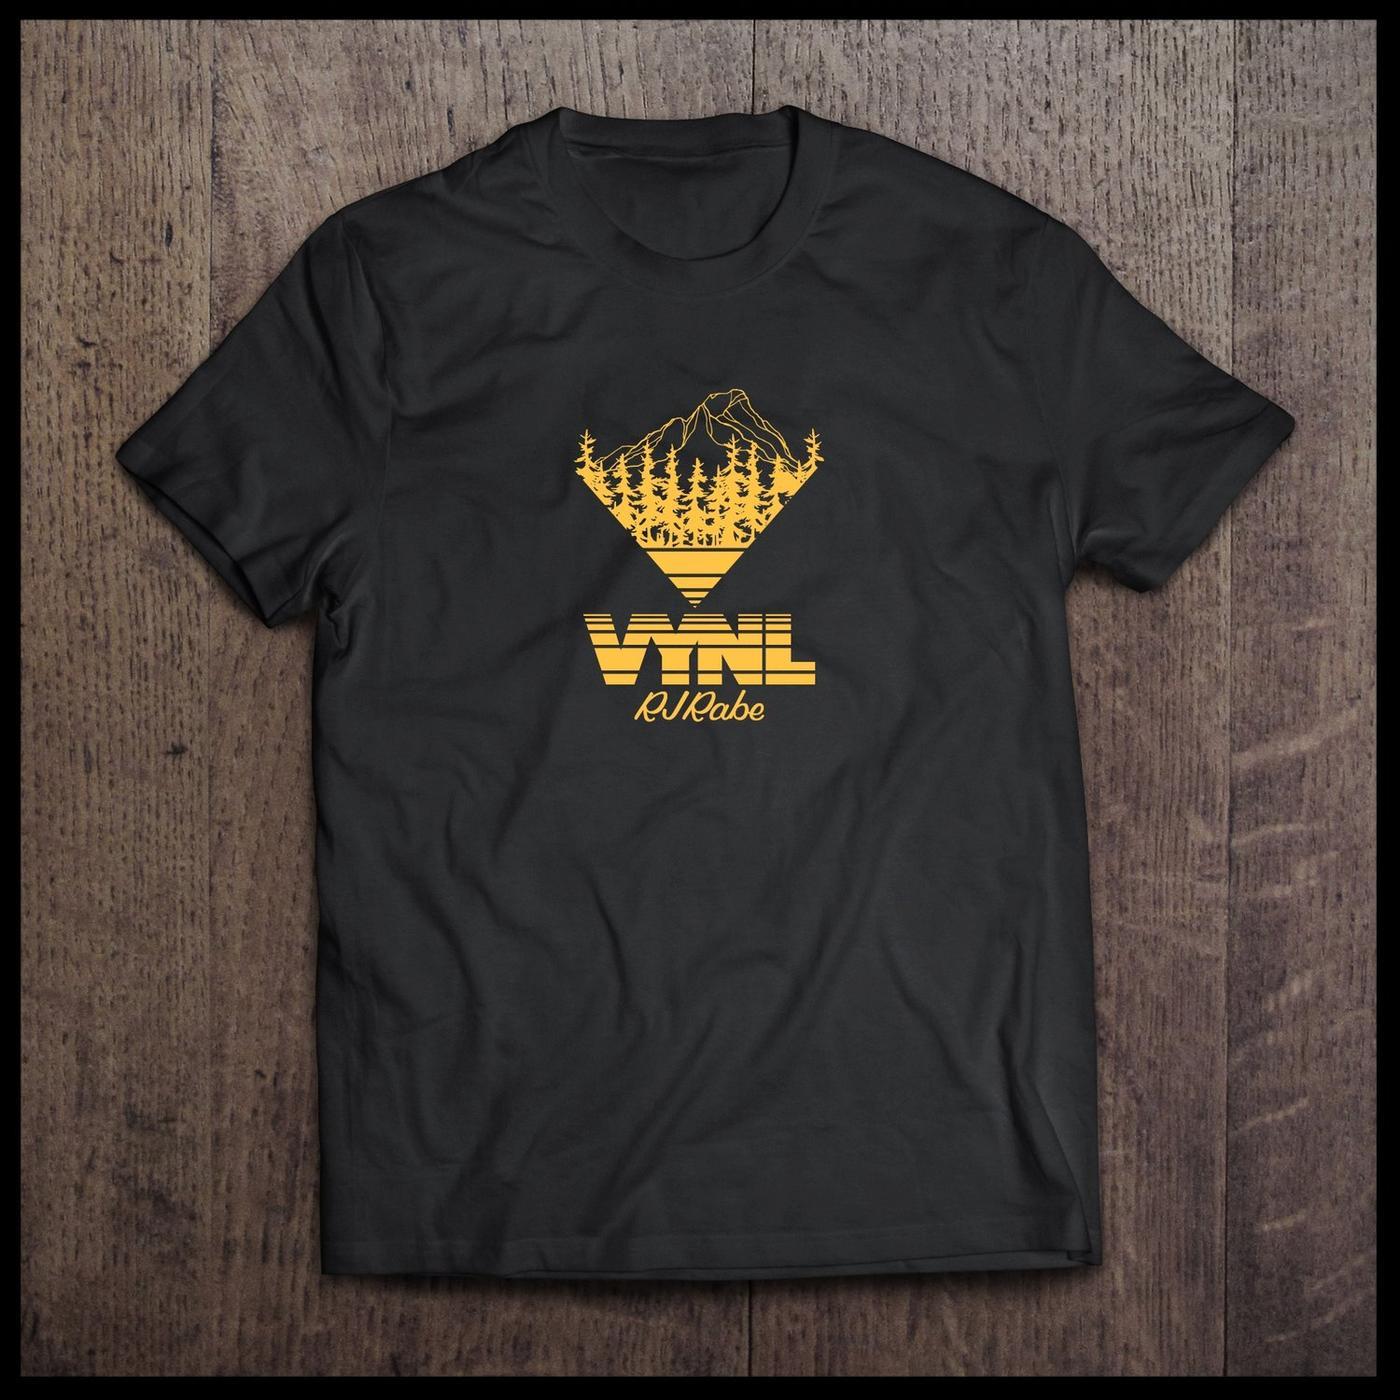 VYNL Fights + RJ Rabe Shirts